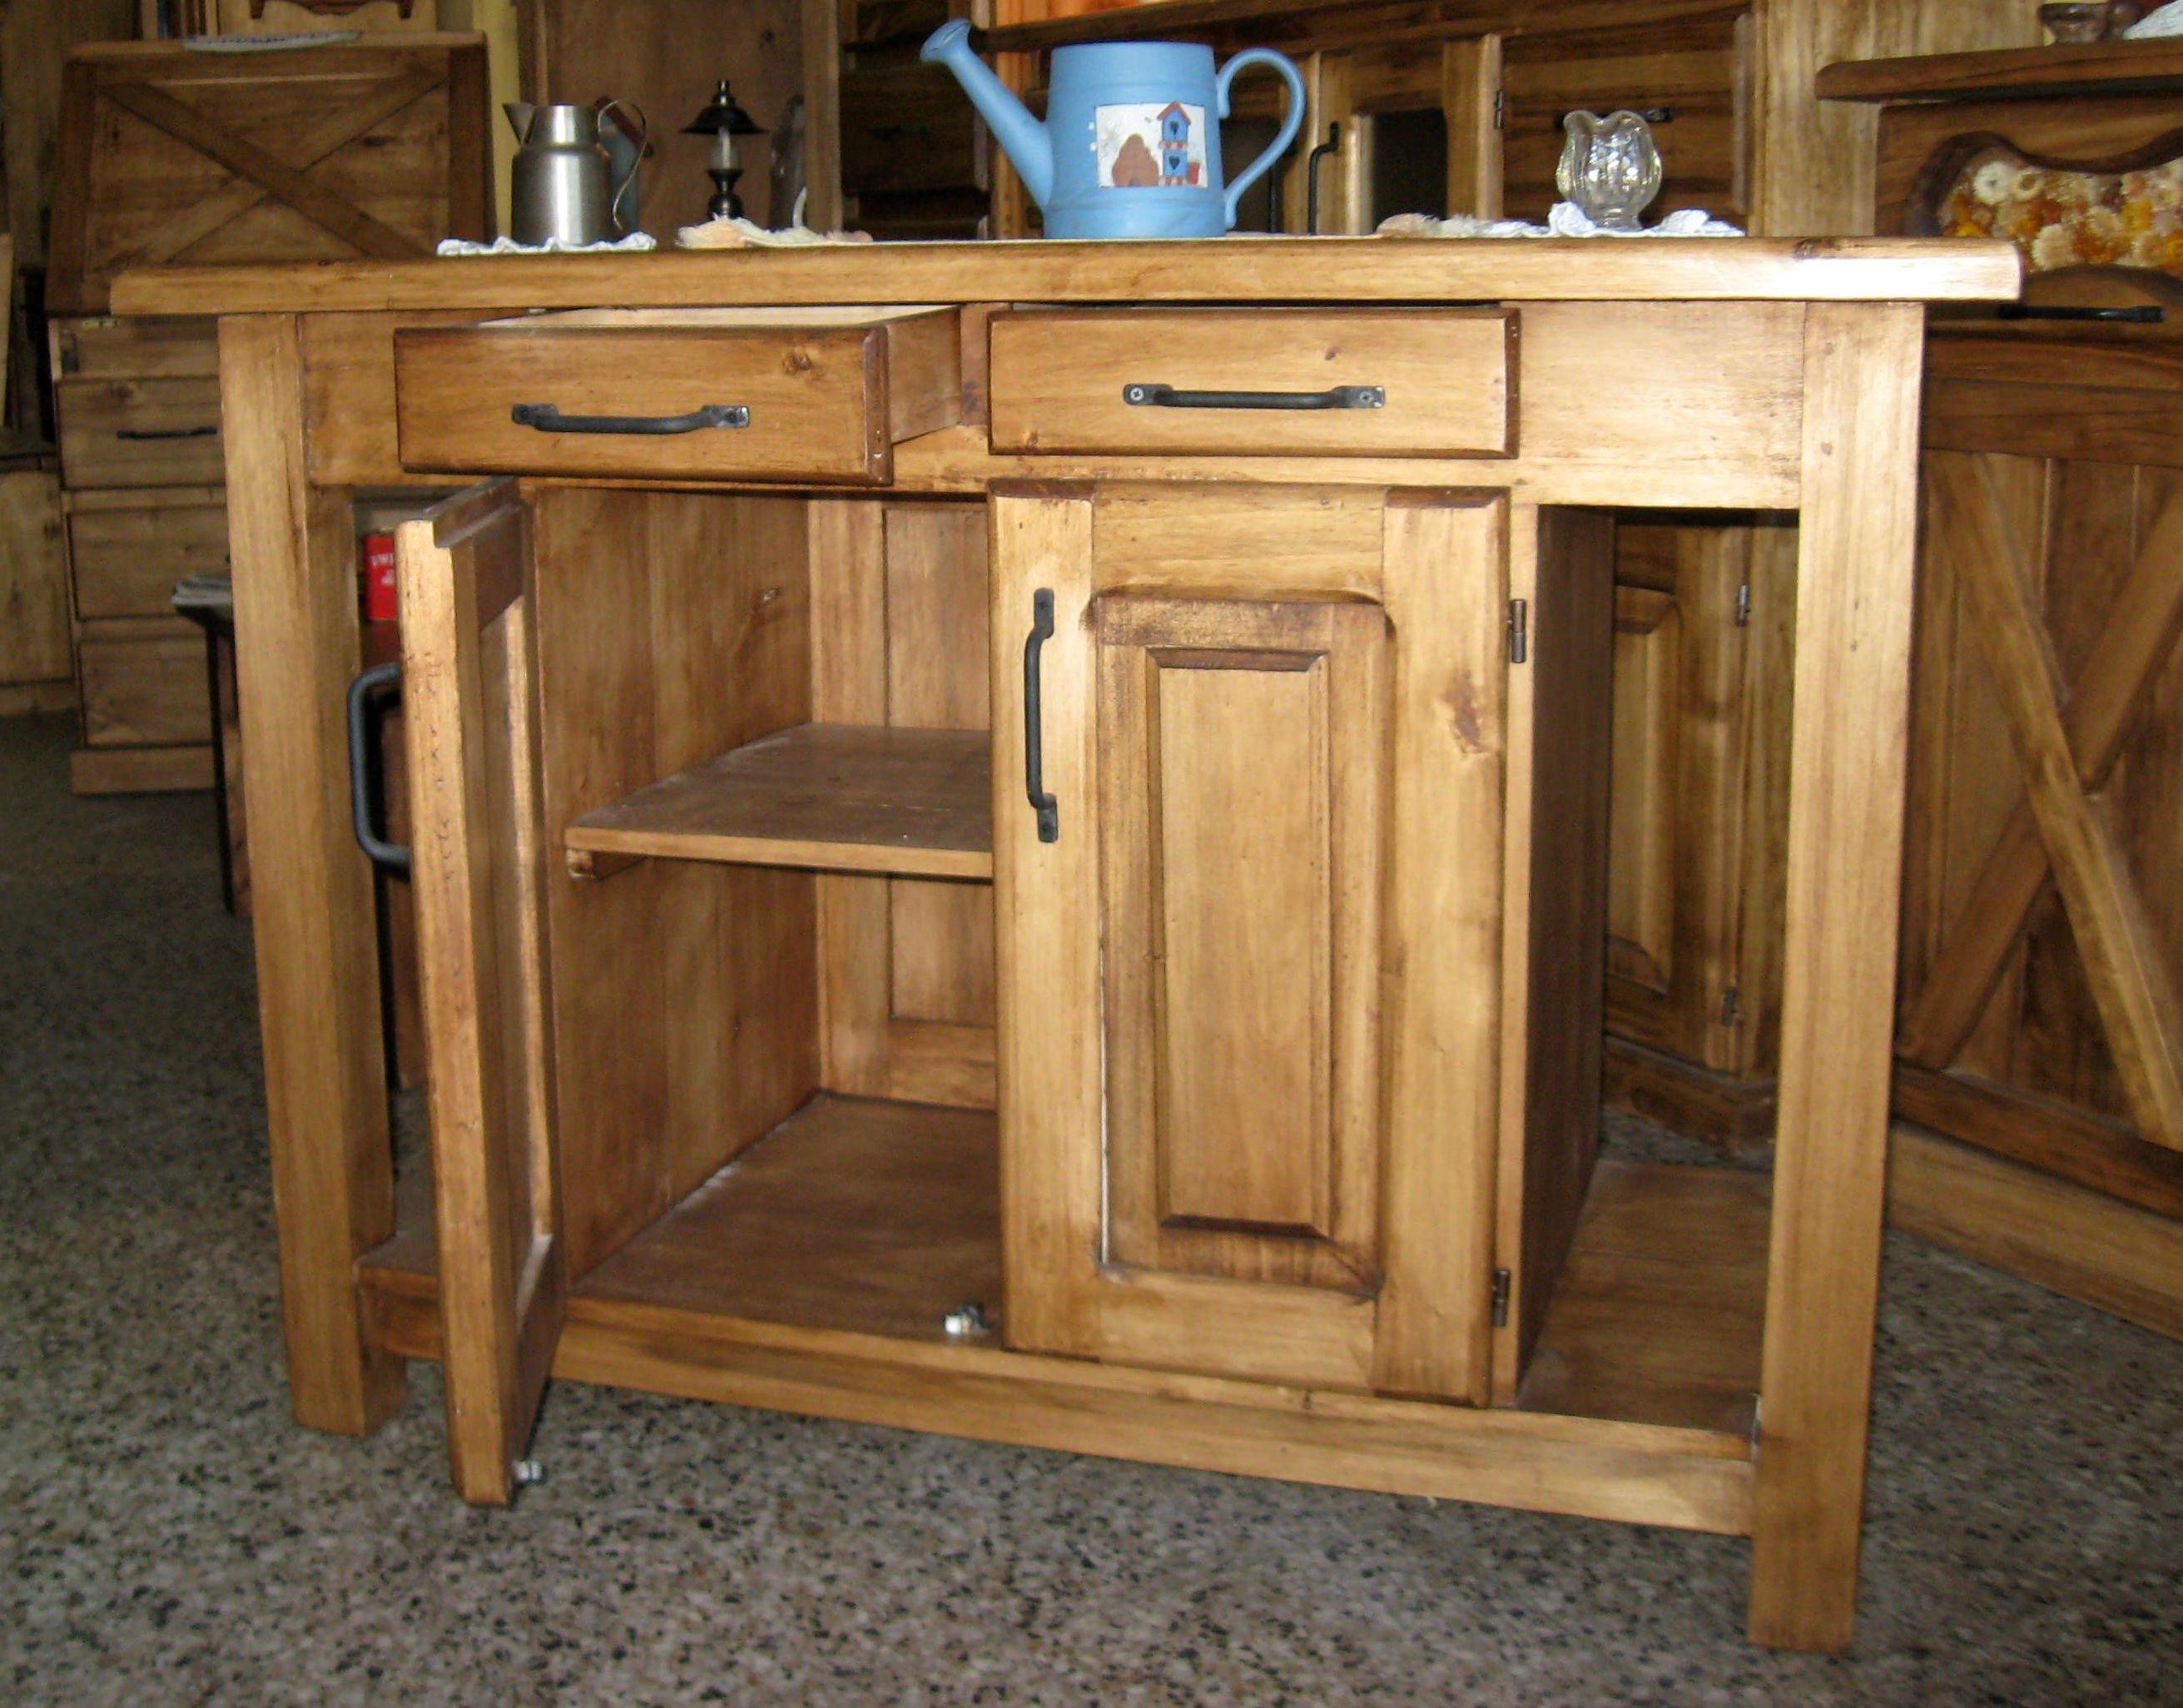 Isla para cocina estilo campo decoracion pinterest for Muebles para cocina df